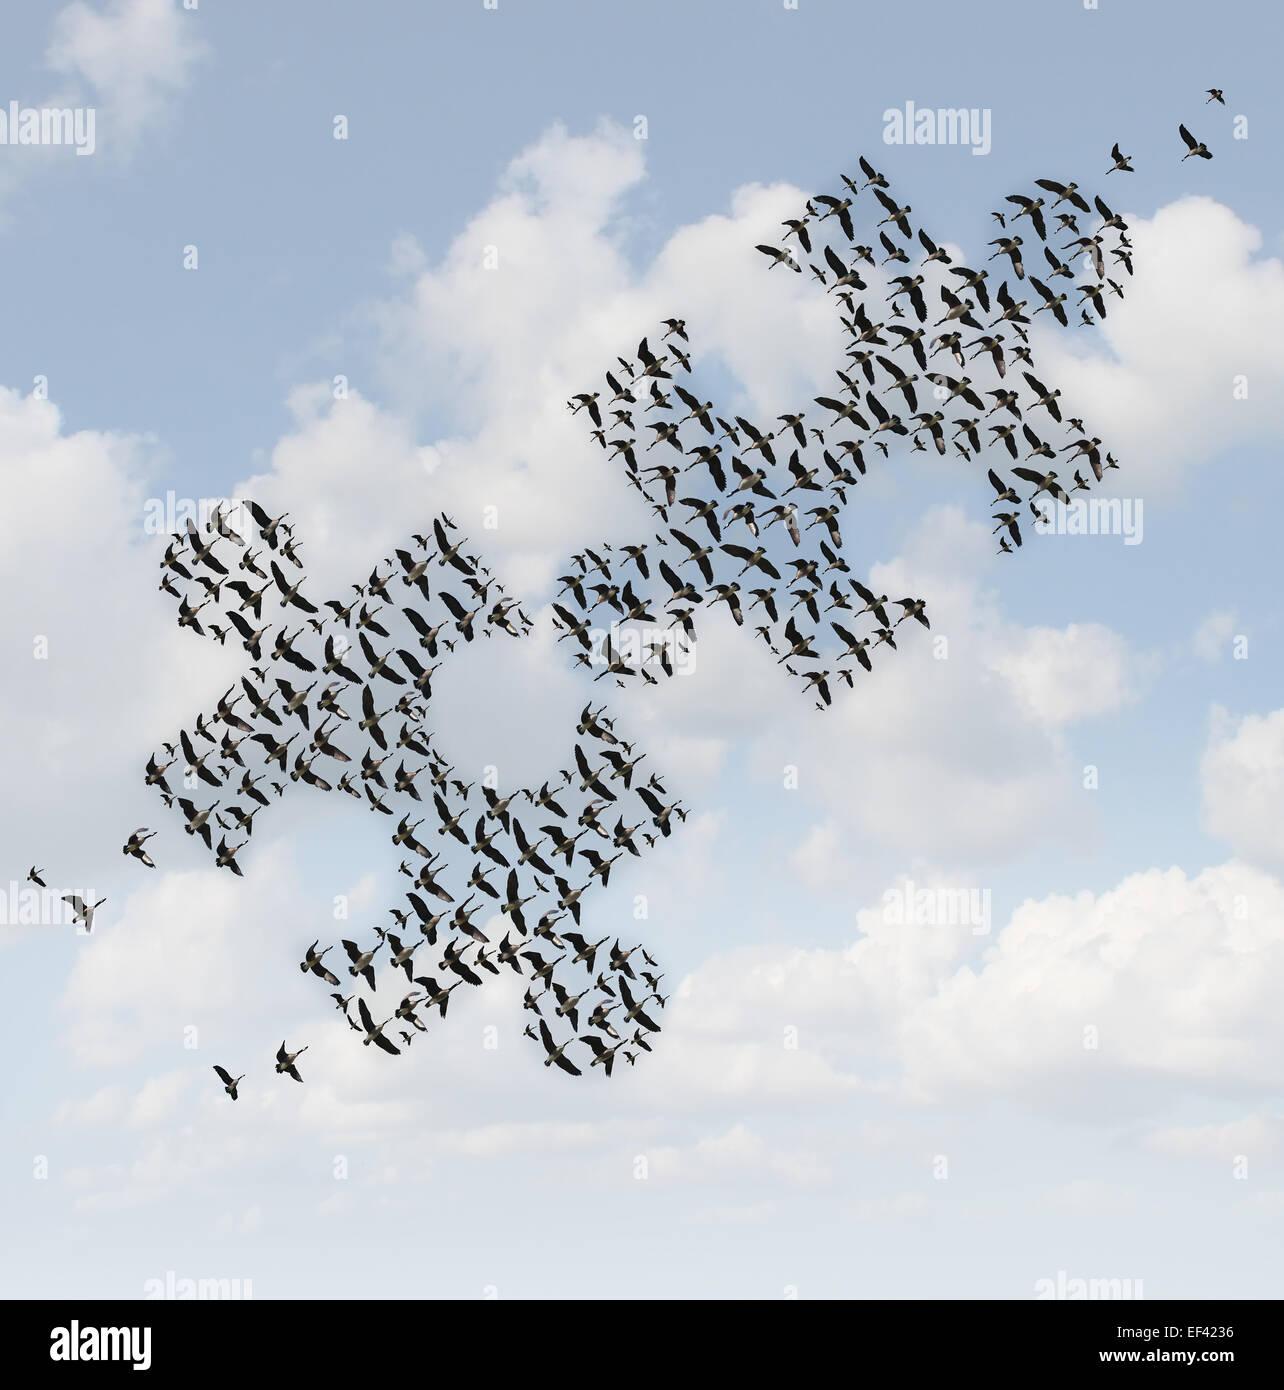 Puzzle oiseaux volants comme un concept d'affaires pour la stratégie de groupe comme deux troupeaux d'oies Photo Stock